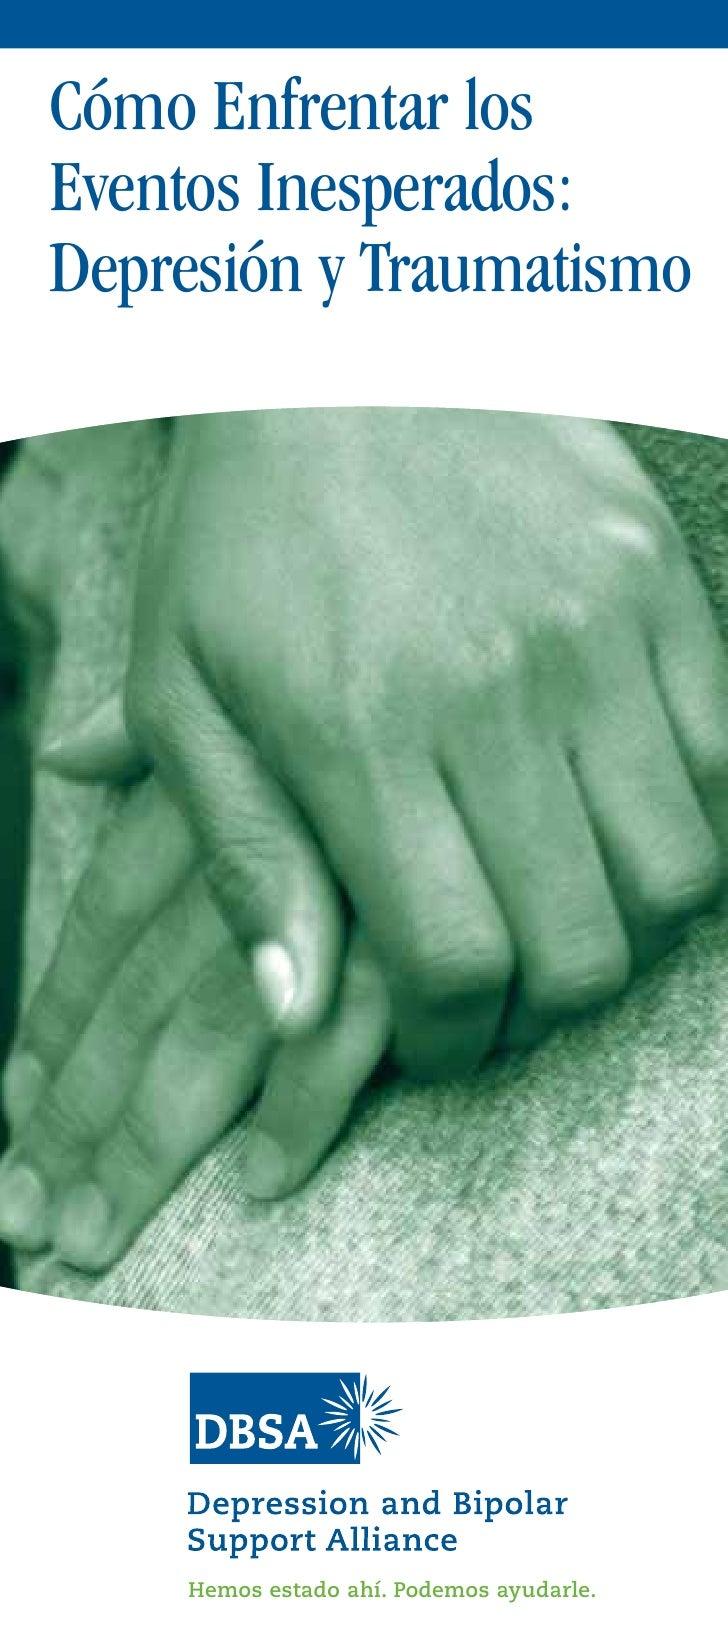 Cómo Enfrentar losEventos Inesperados:Depresión y Traumatismo    Hemos estado ahí. Podemos ayudarle.